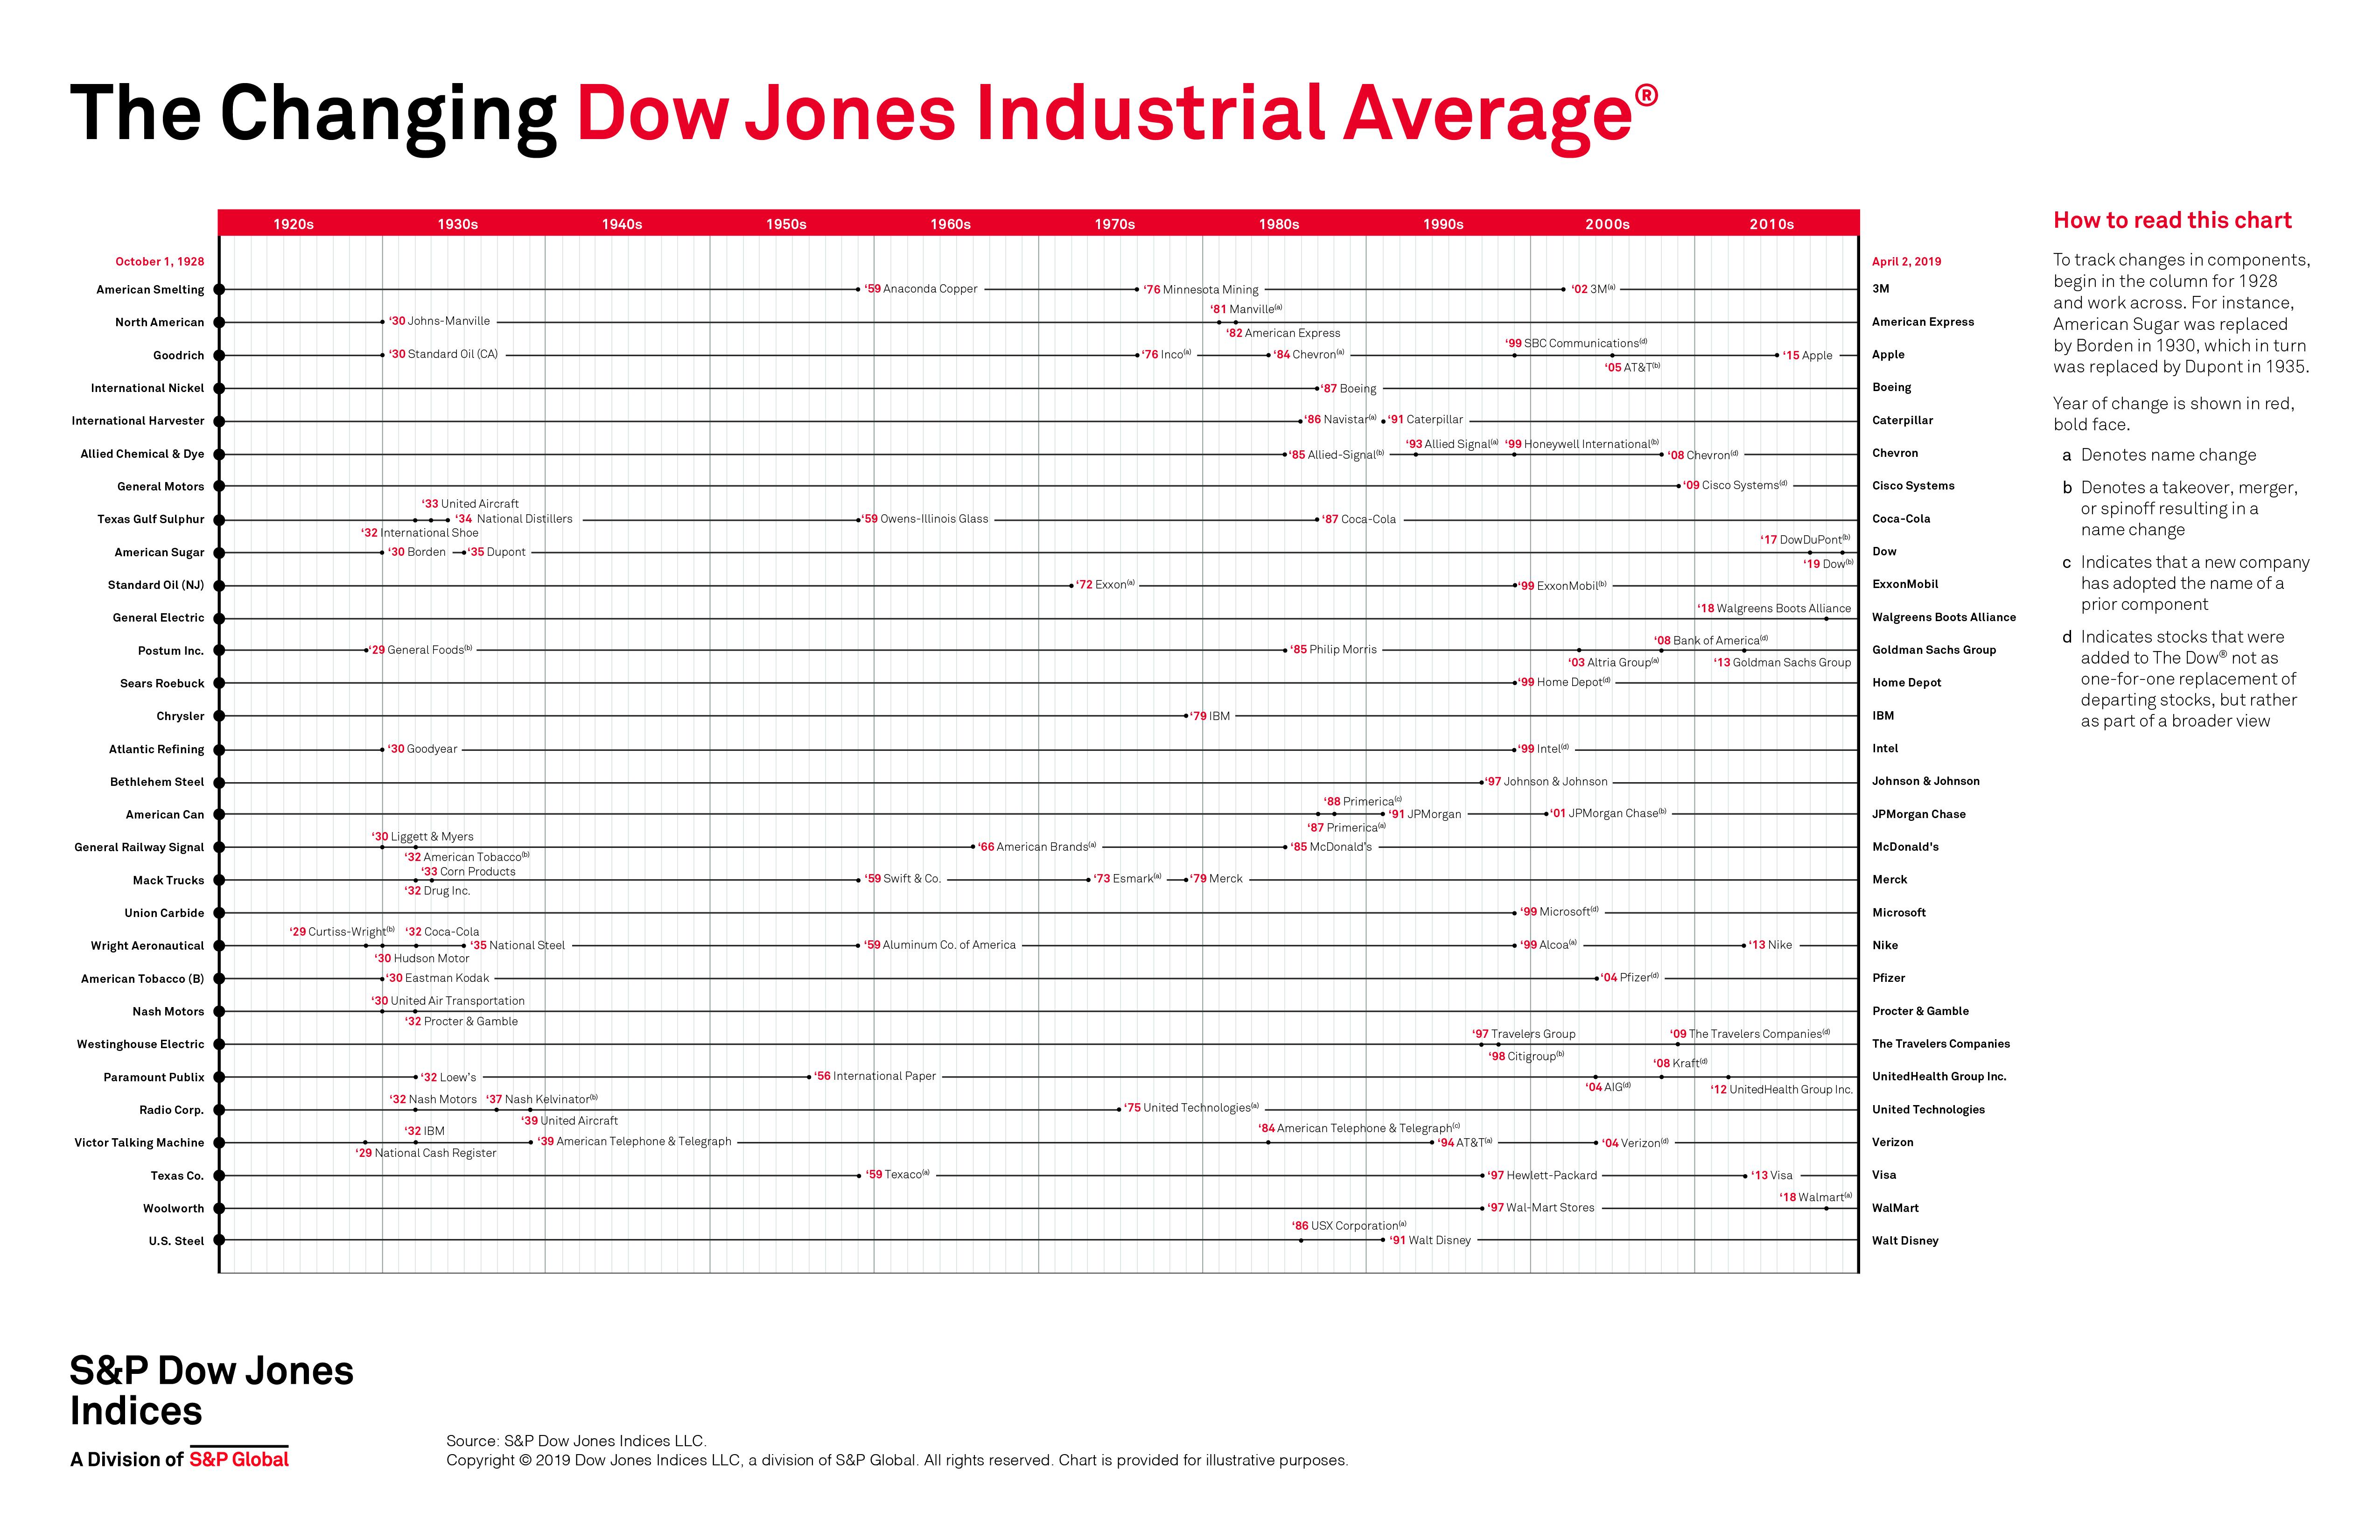 Změny v indexu Dow Jones Industrial Average od roku 1928, kdy byl rozšířen na 30 společností